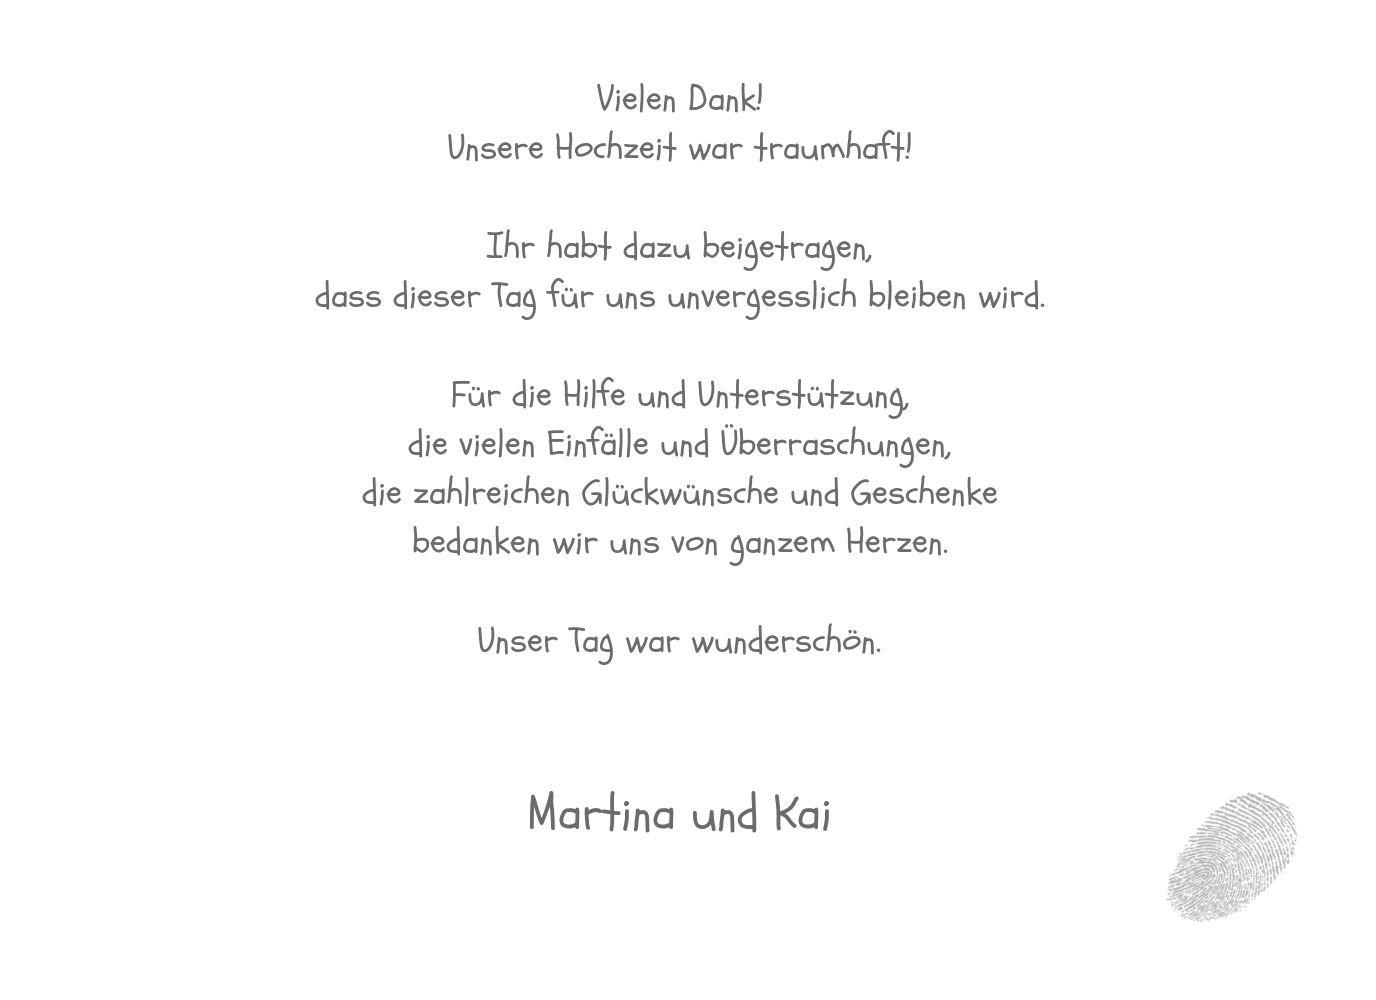 Kartenparadies Danksagung Danksagung Danksagung für Hochzeitsgeschenke Hochzeit Dankeskarte fingerprint, hochwertige Danksagungskarte Hochzeitsglückwünsche inklusive Umschläge   20 Karten - (Format  148x105 mm) Farbe  Grau B01N4QEV93 | Am praktischsten  |  a26d15